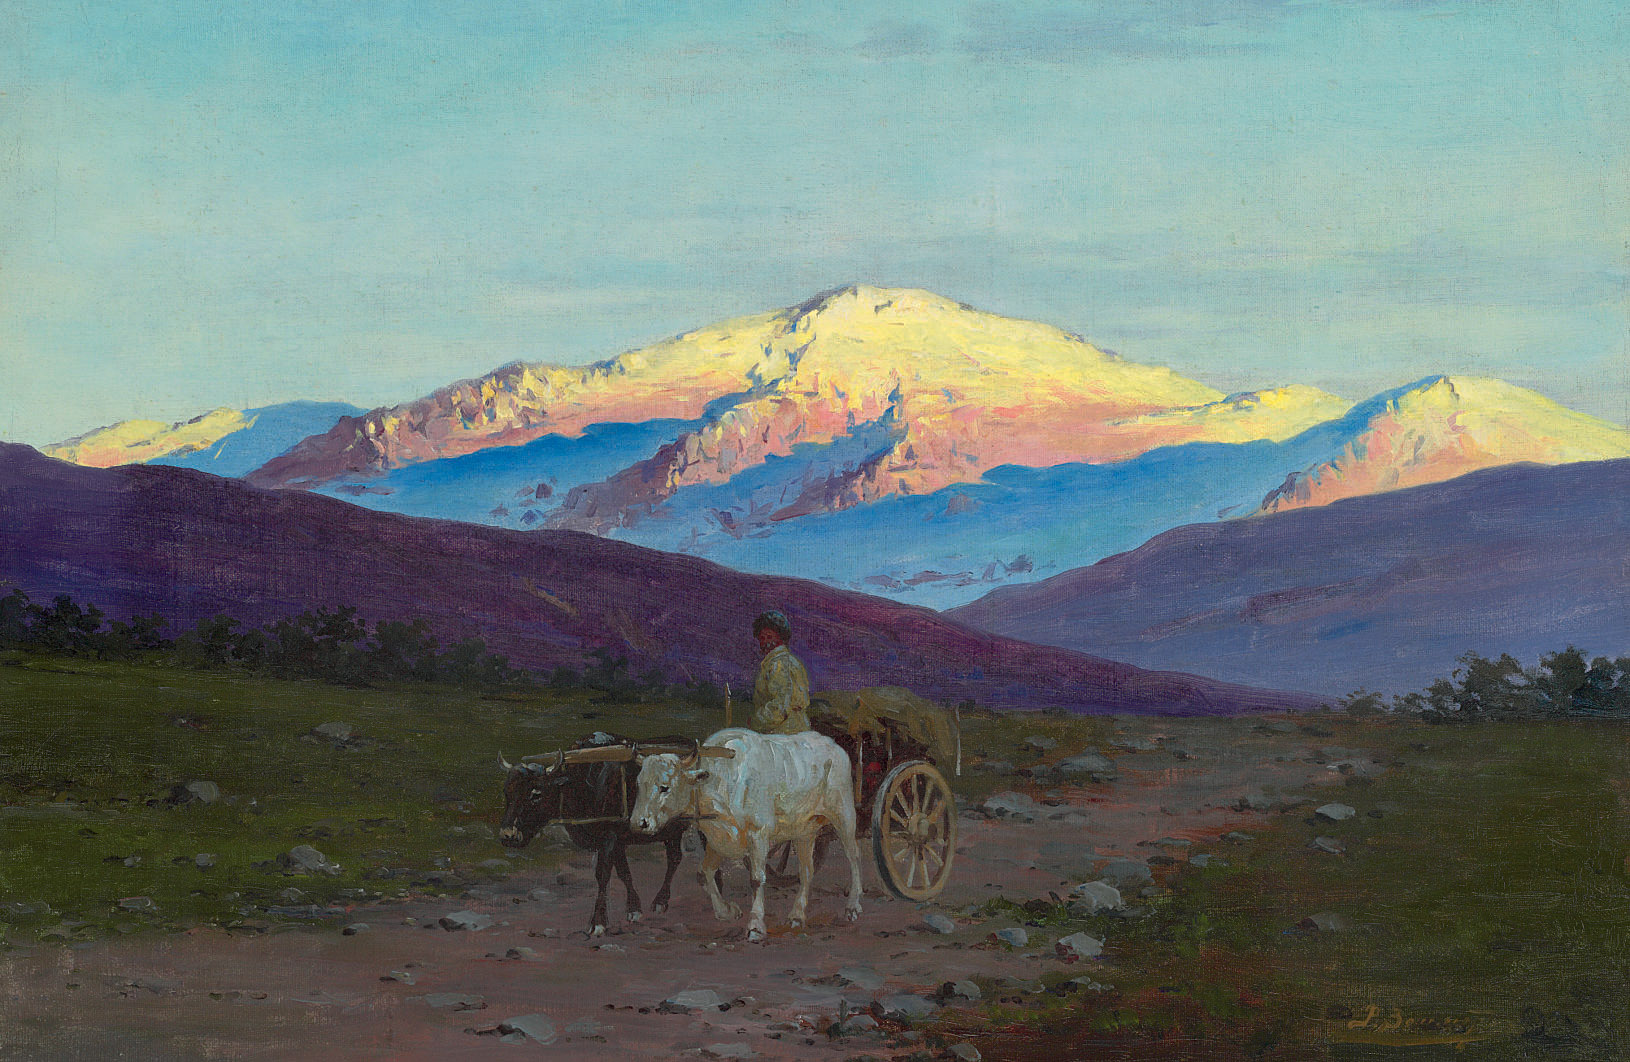 Richard Zommer (1866-1939)